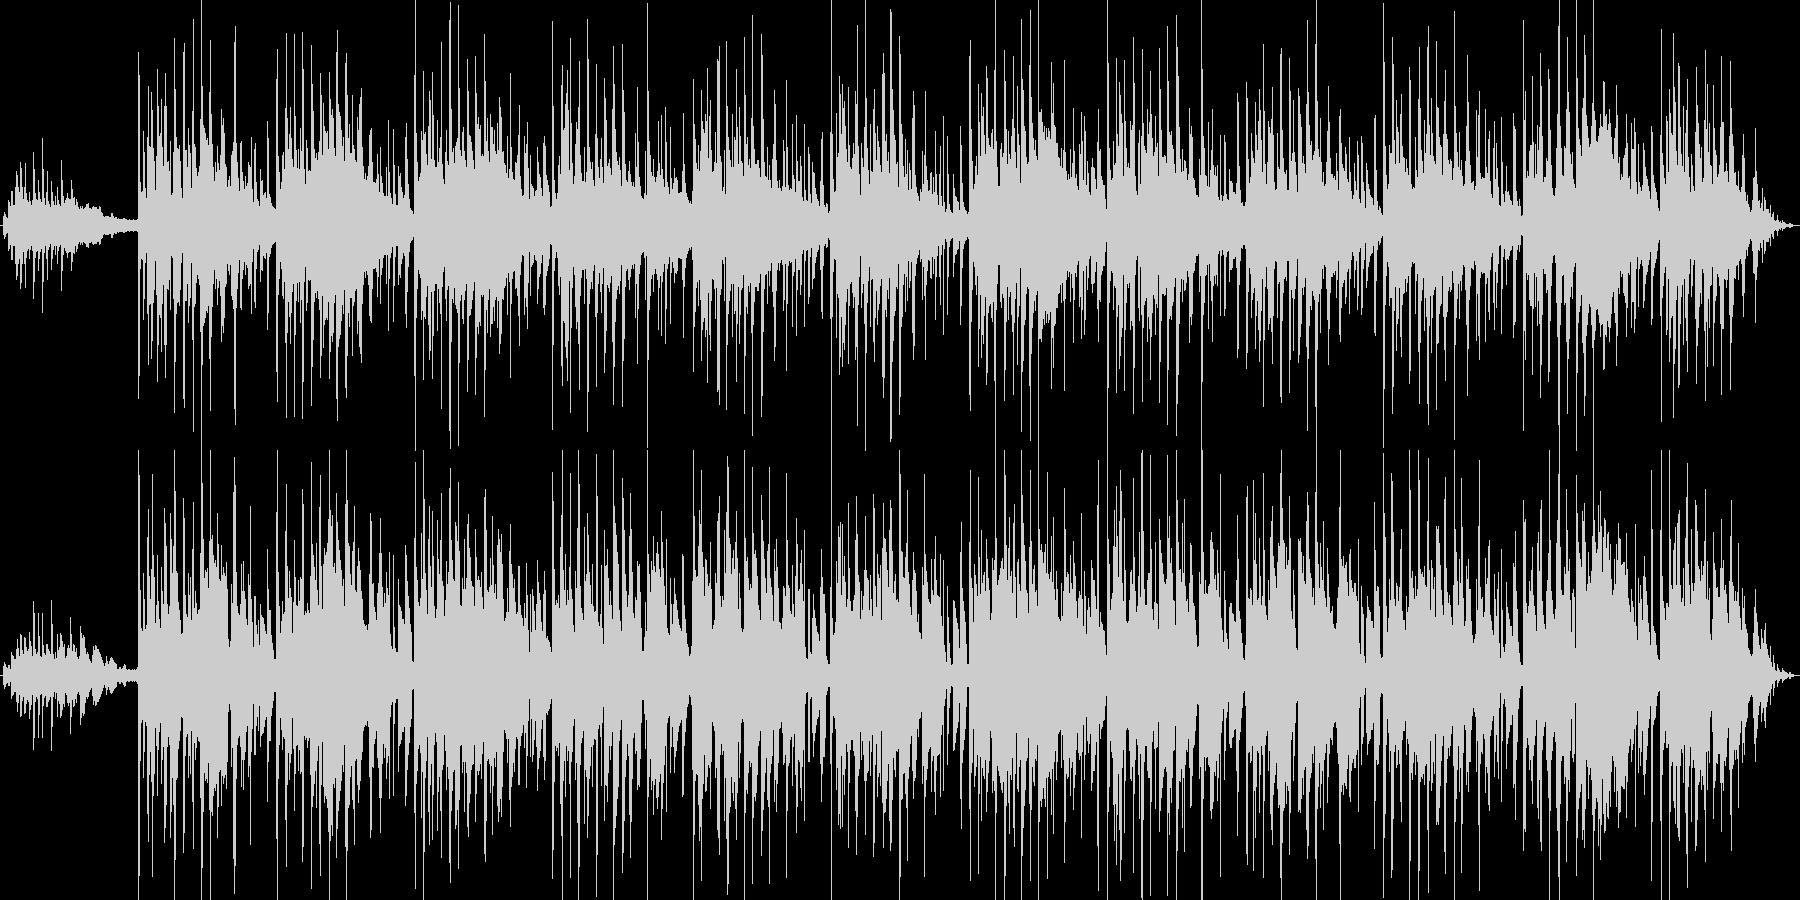 生演奏アコースティックギターハーモニクスの未再生の波形